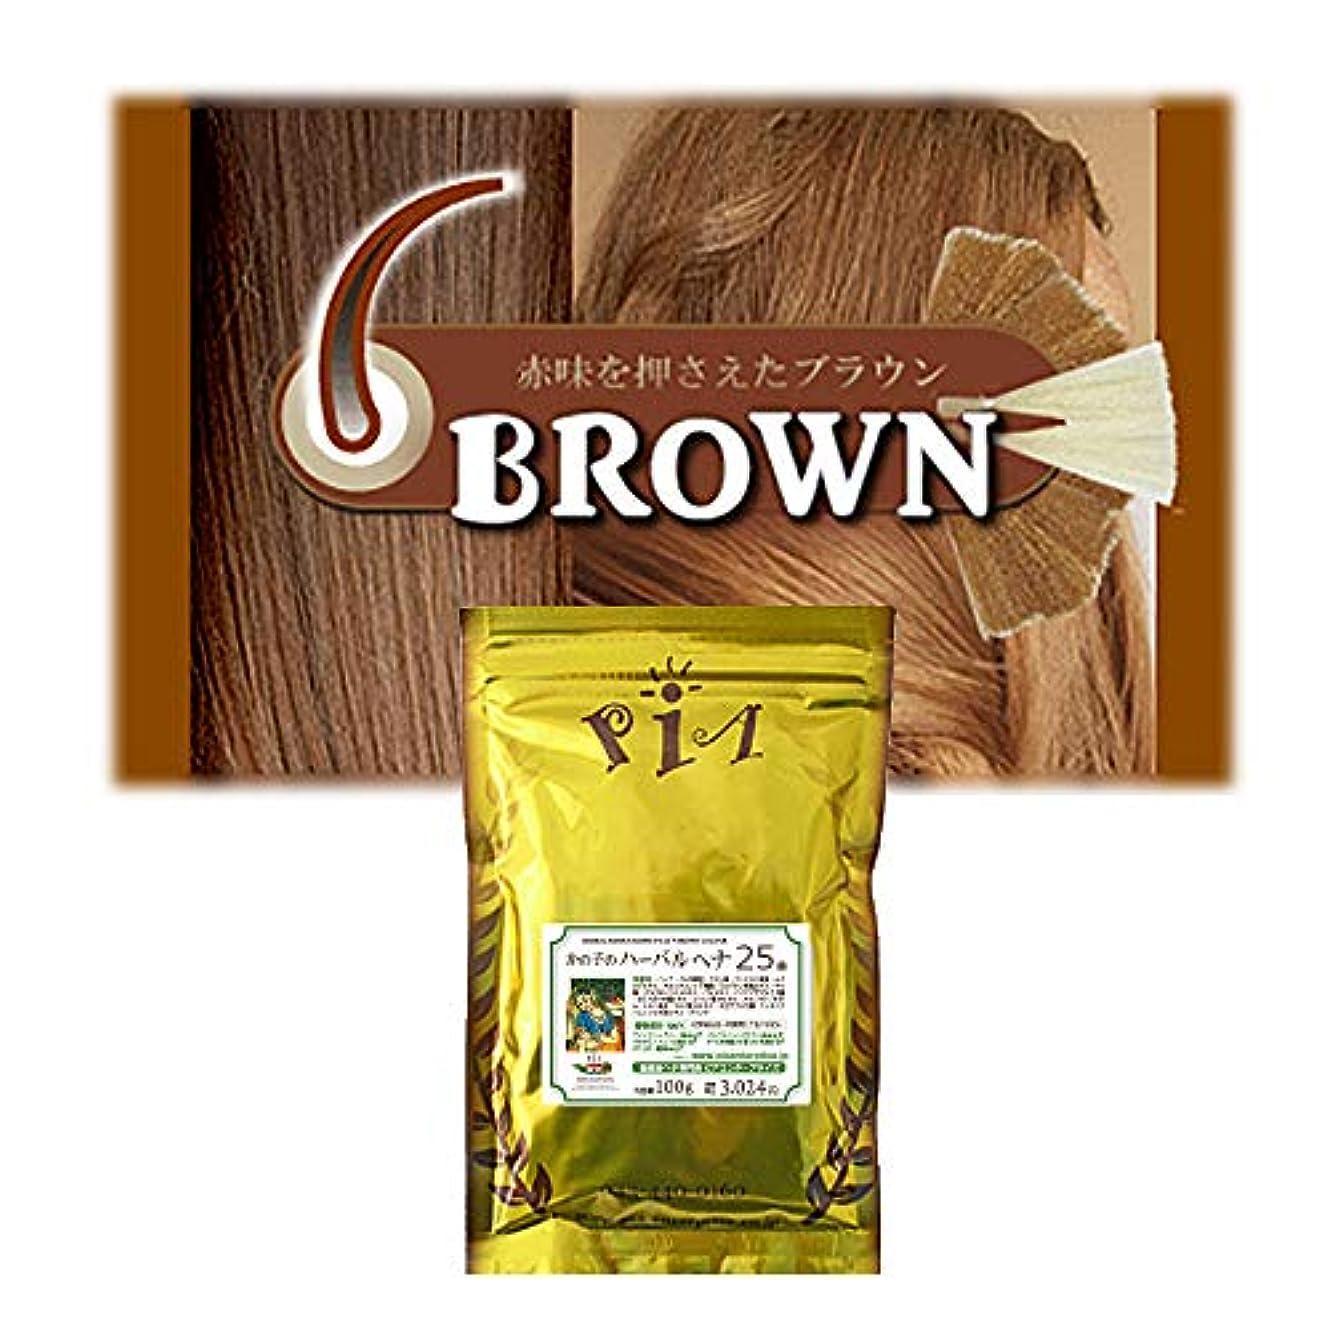 オーストラリア人吹きさらし八【ヘナ】 かの子のハーバルヘナ25番 (色:ブラウン|Brown )単品|ハケブラシはついておりません。